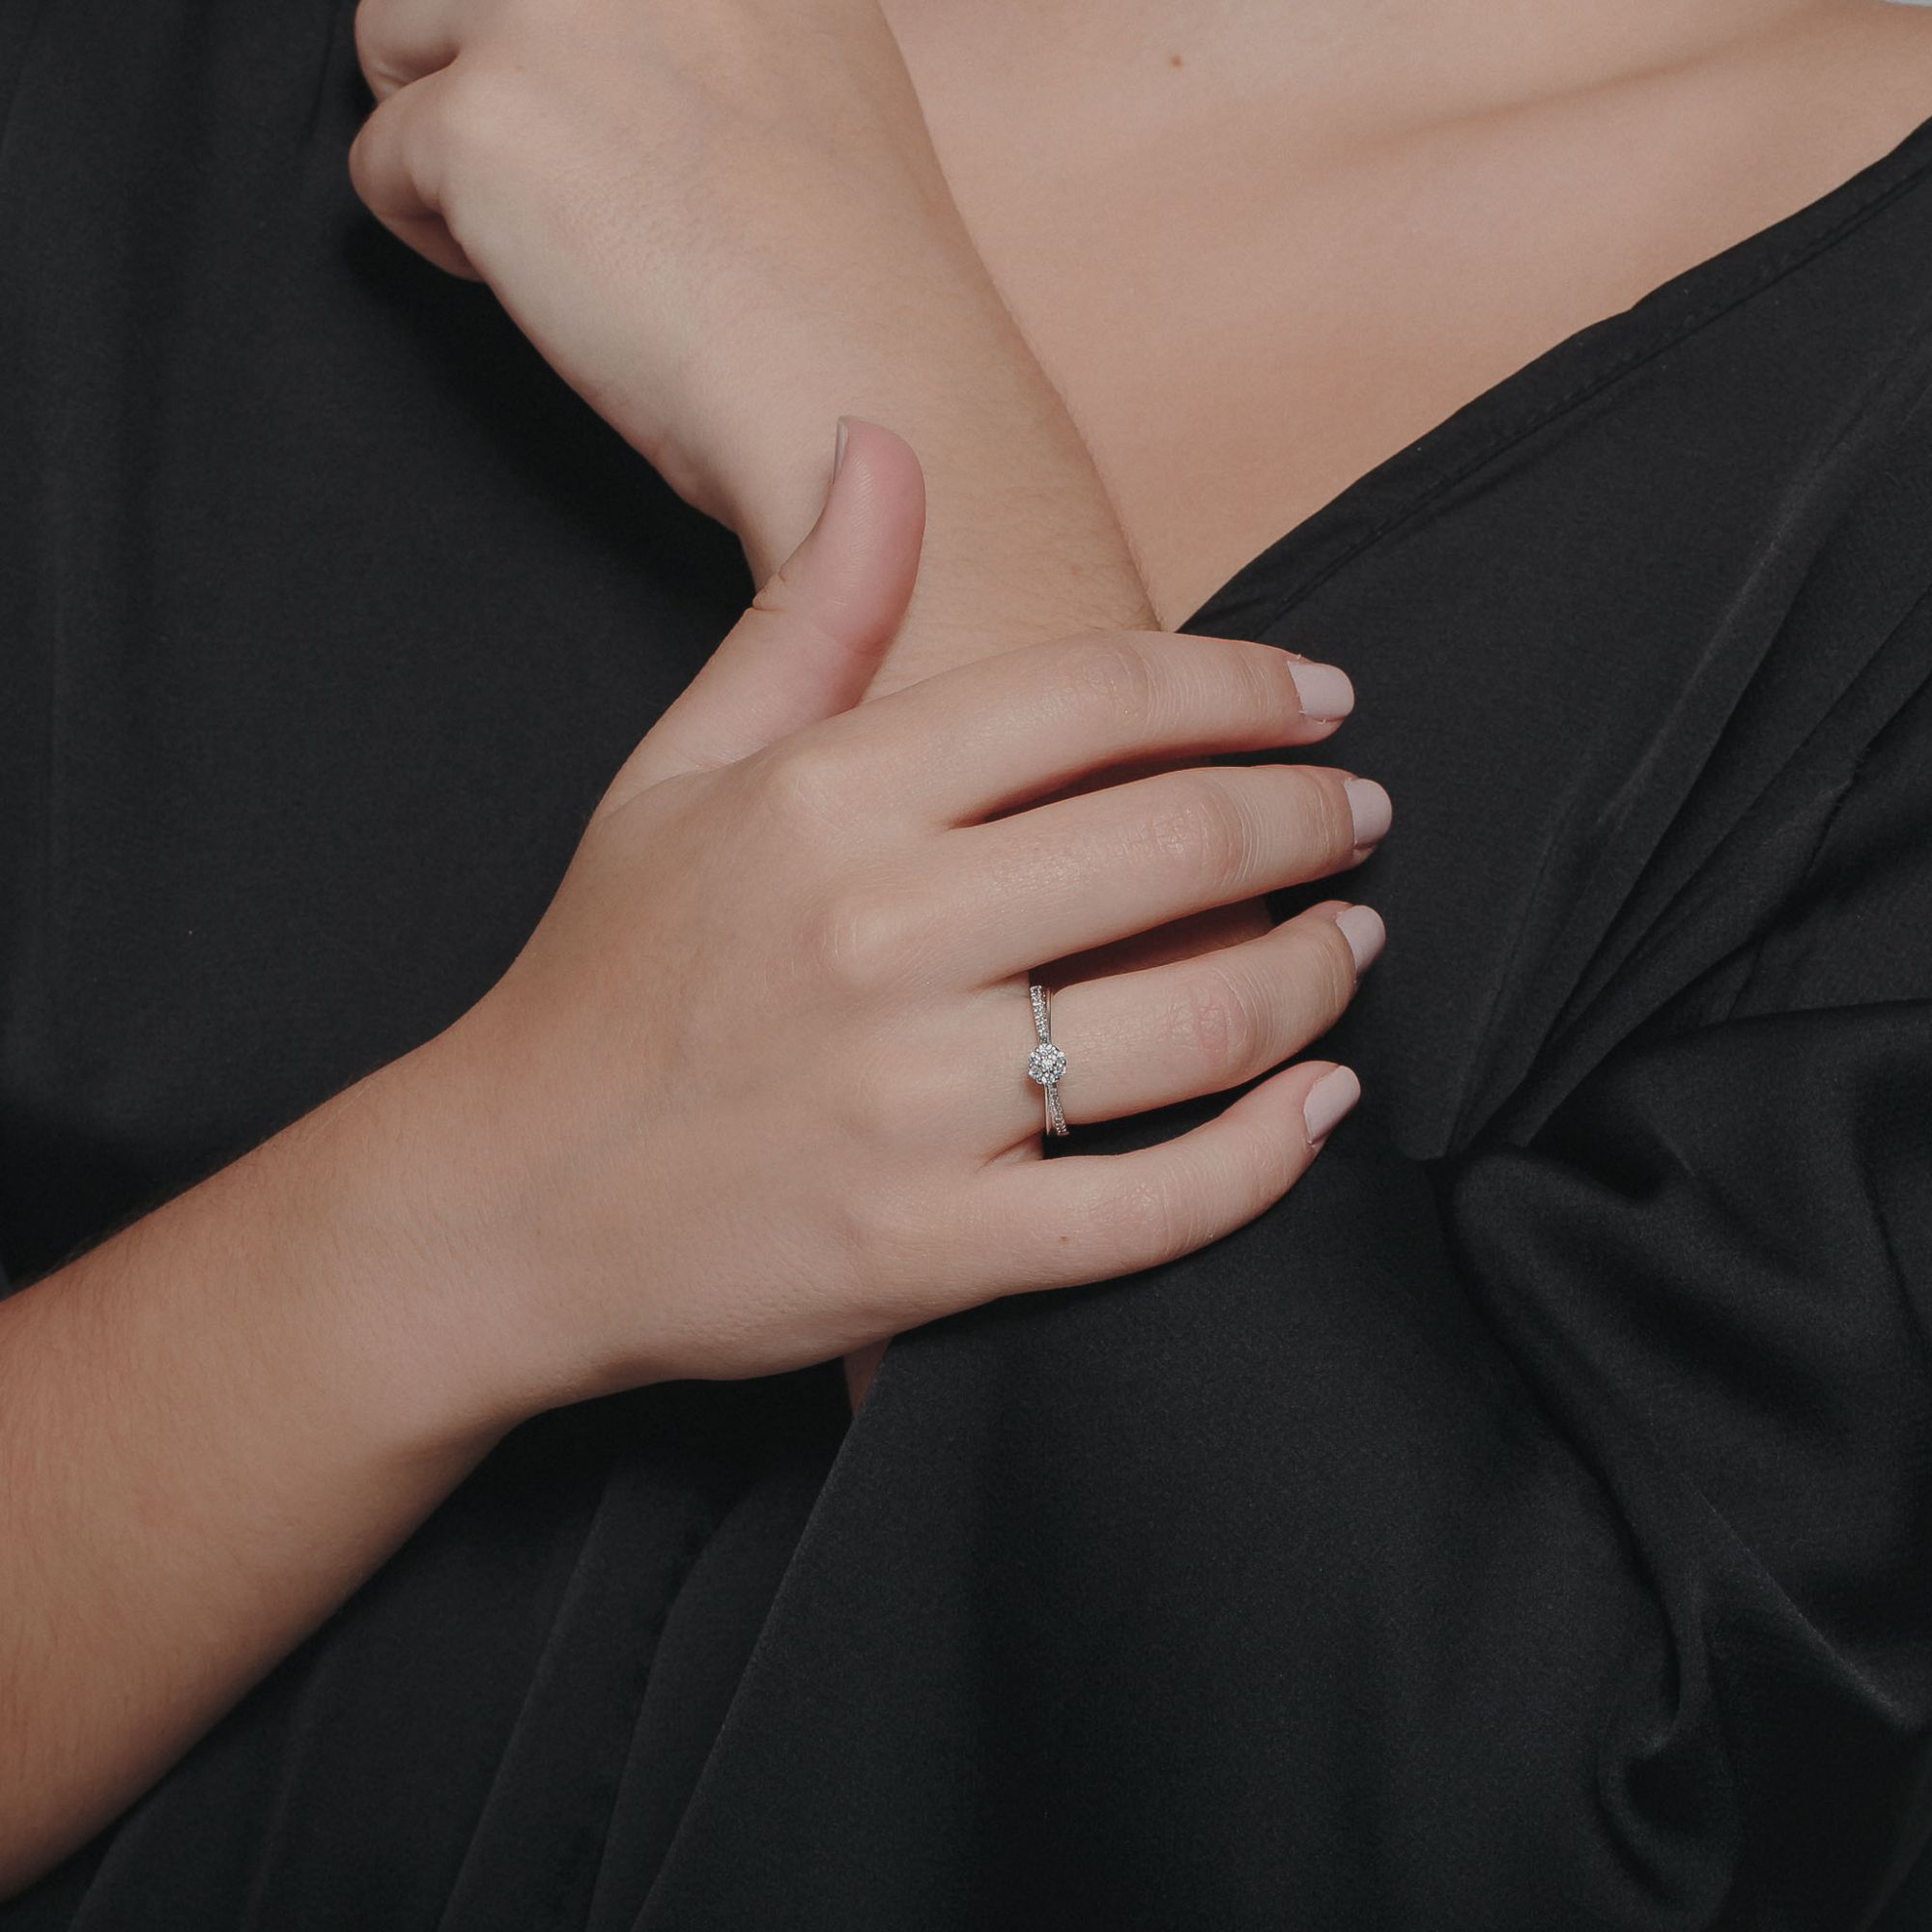 Anel solitário com zircônia cristal banho de ródio branco.  - romabrazil.com.br